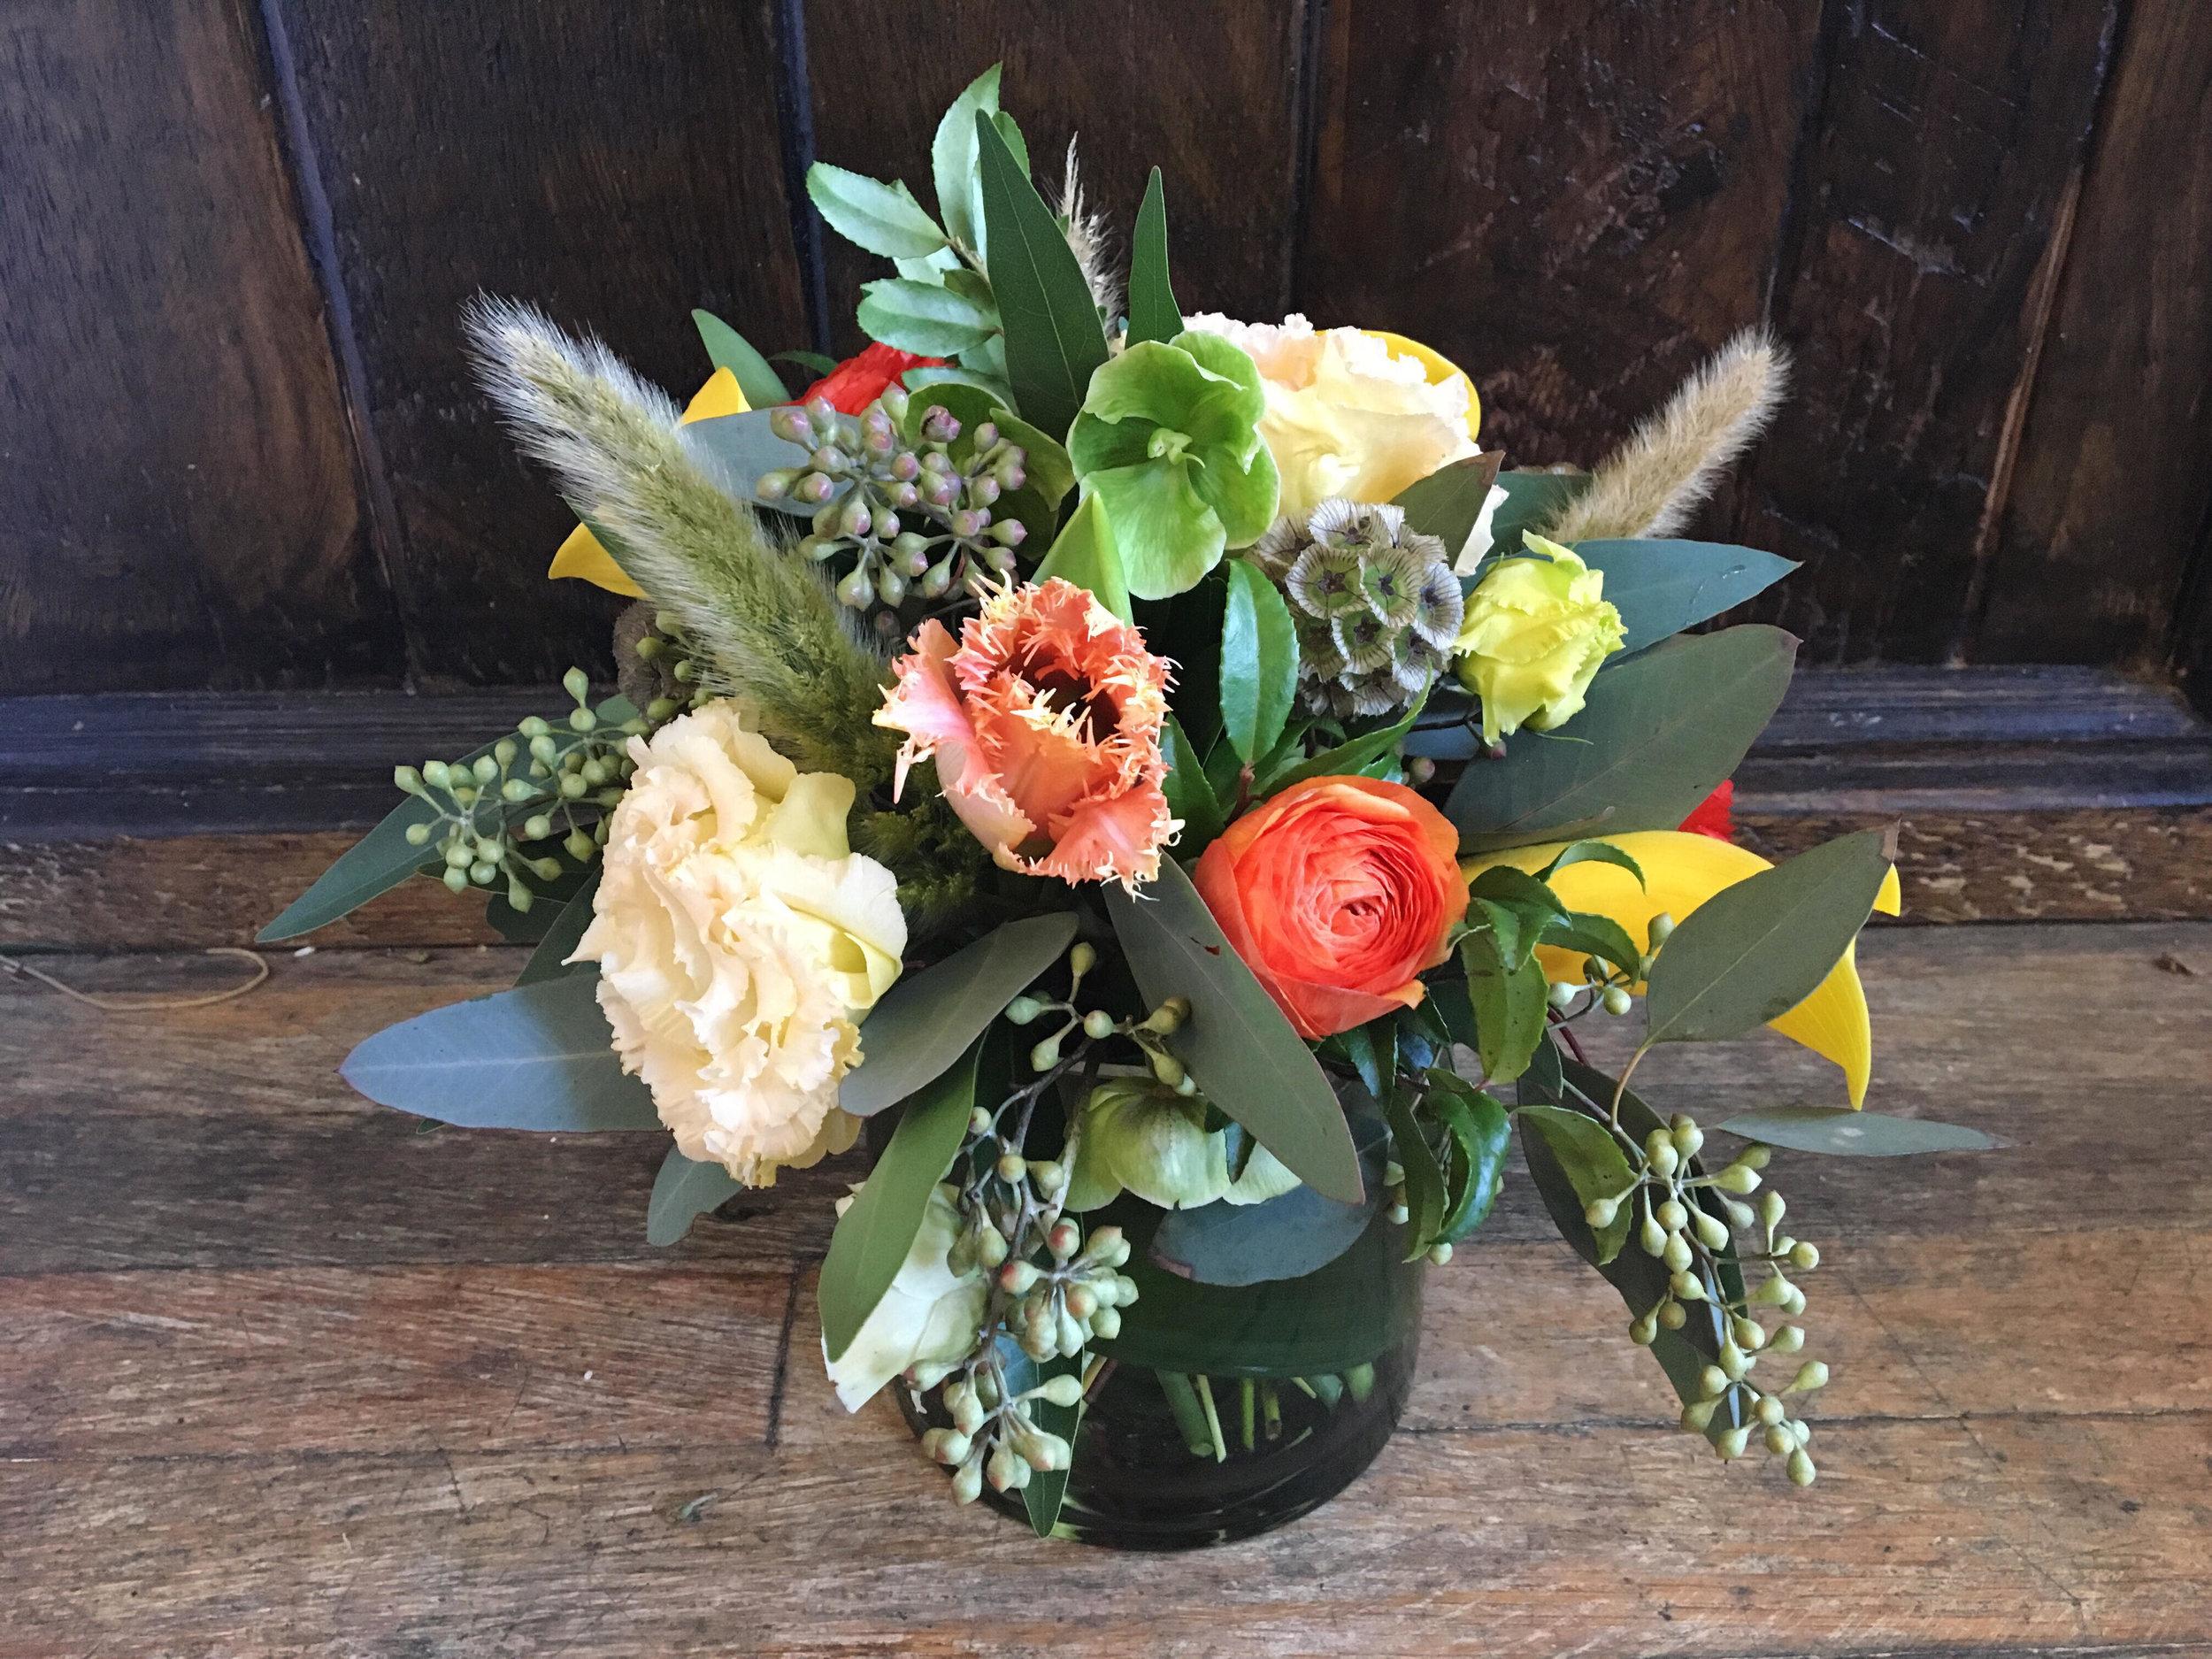 $50 arrangement in a glass vase (leaf-lined)